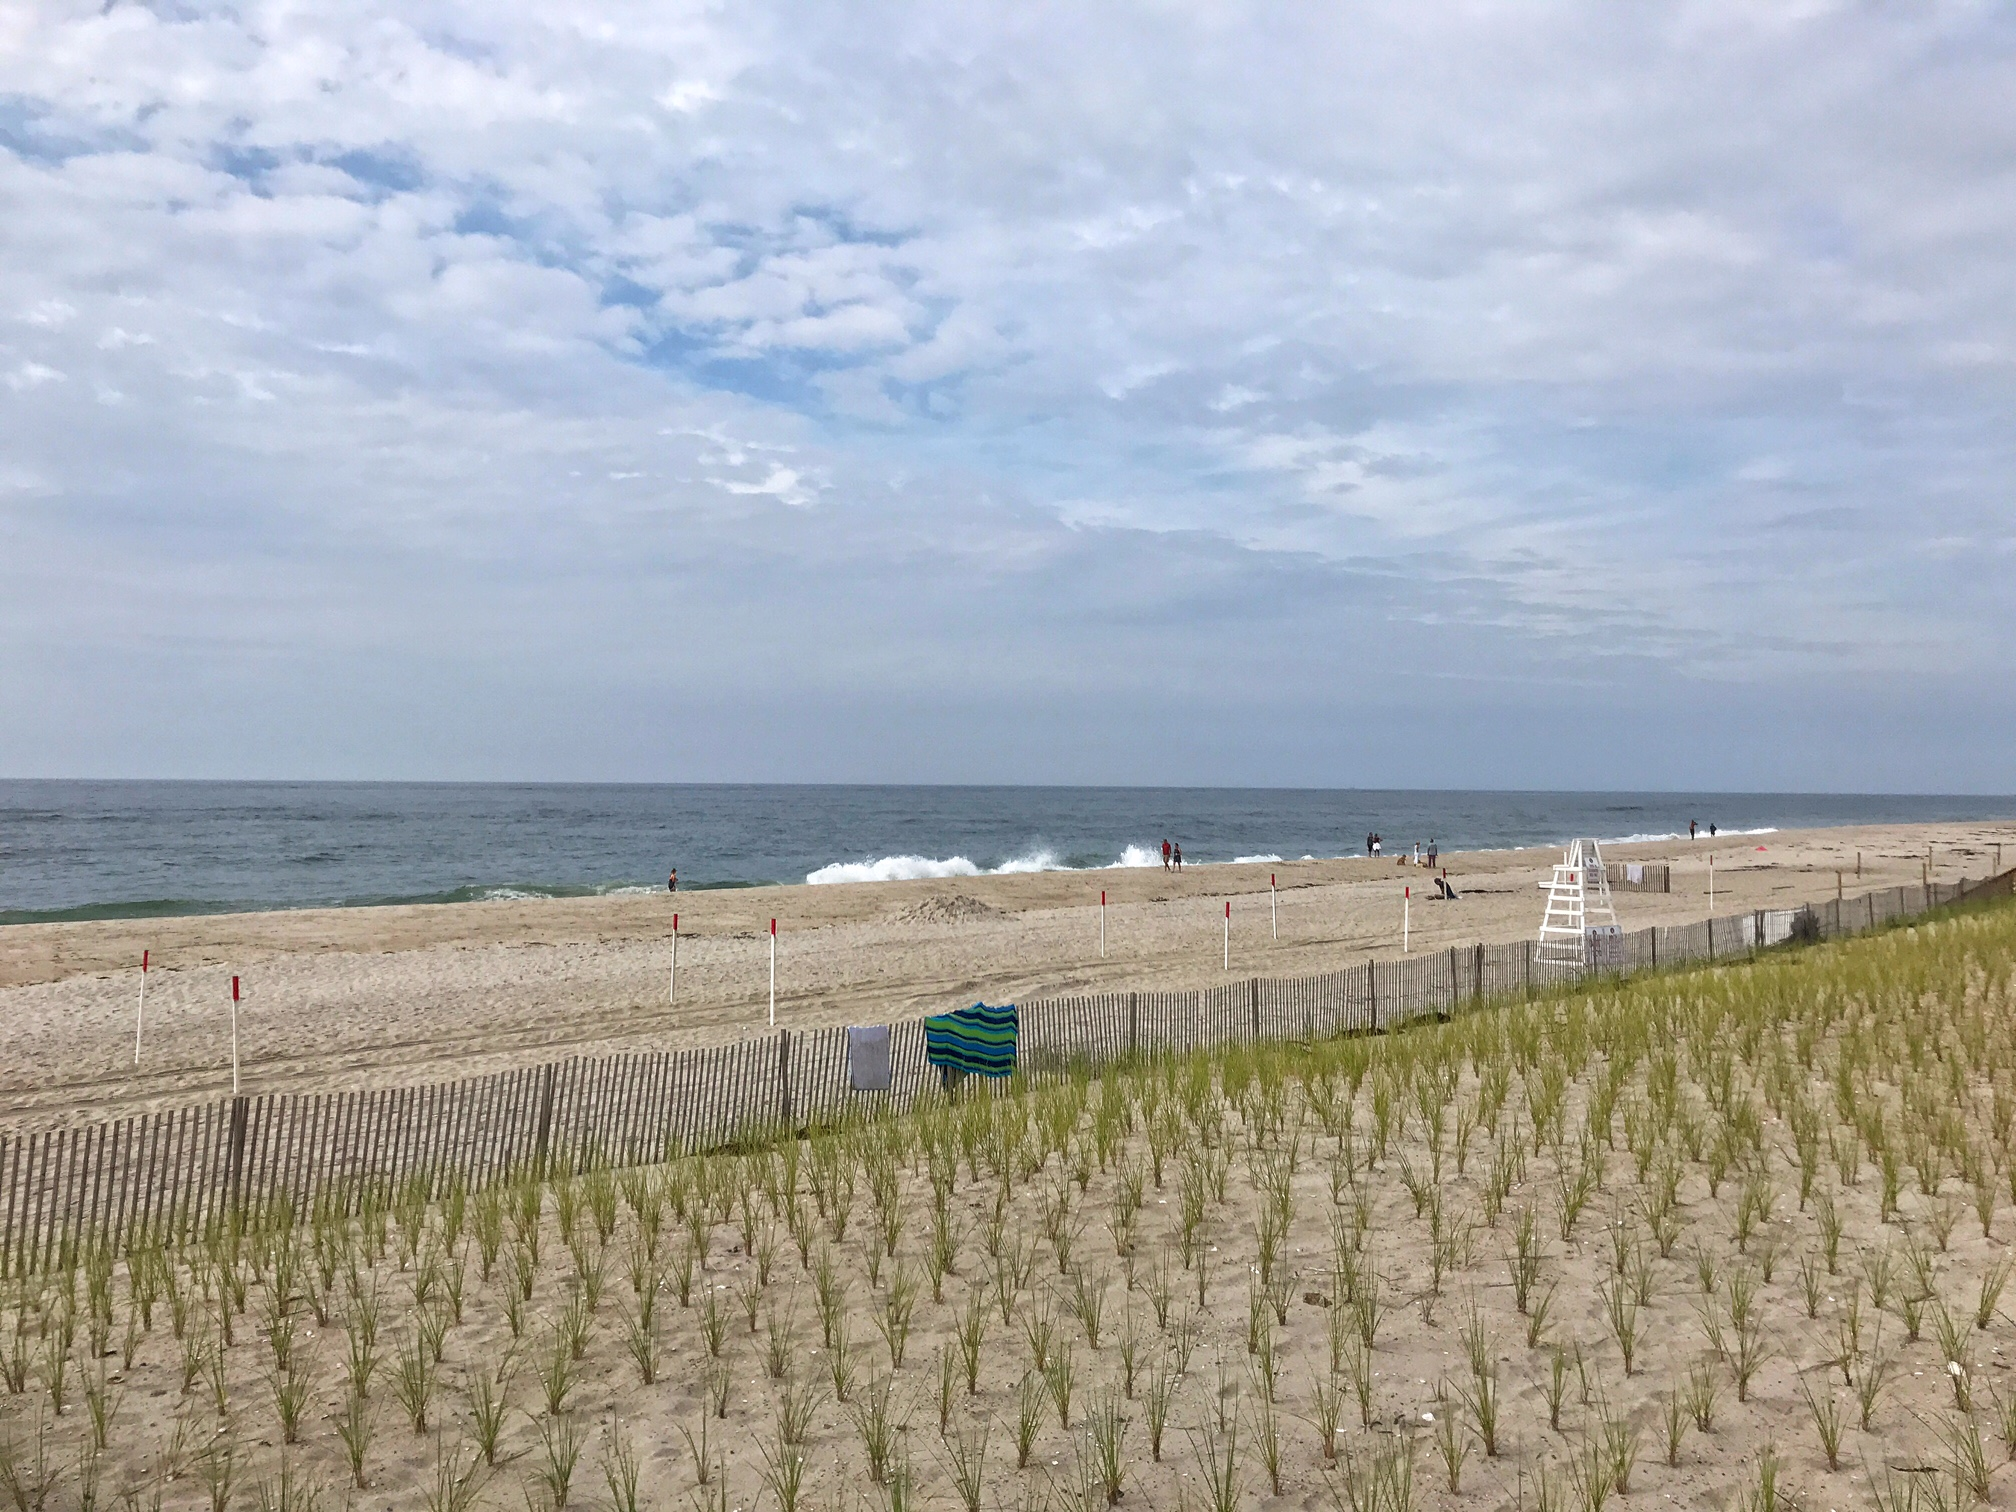 FI beach